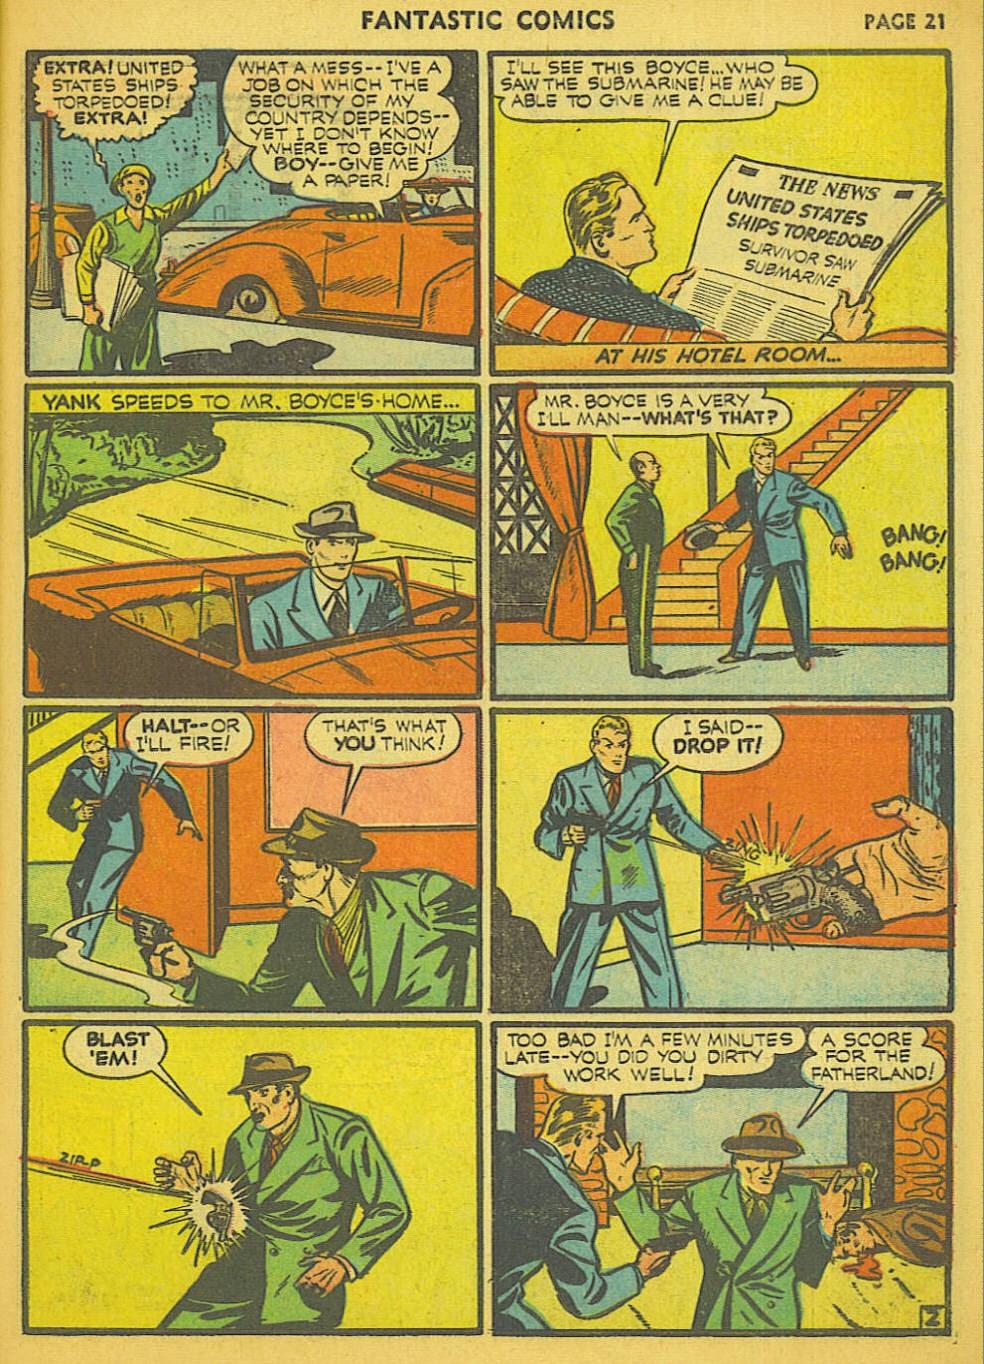 Read online Fantastic Comics comic -  Issue #15 - 15